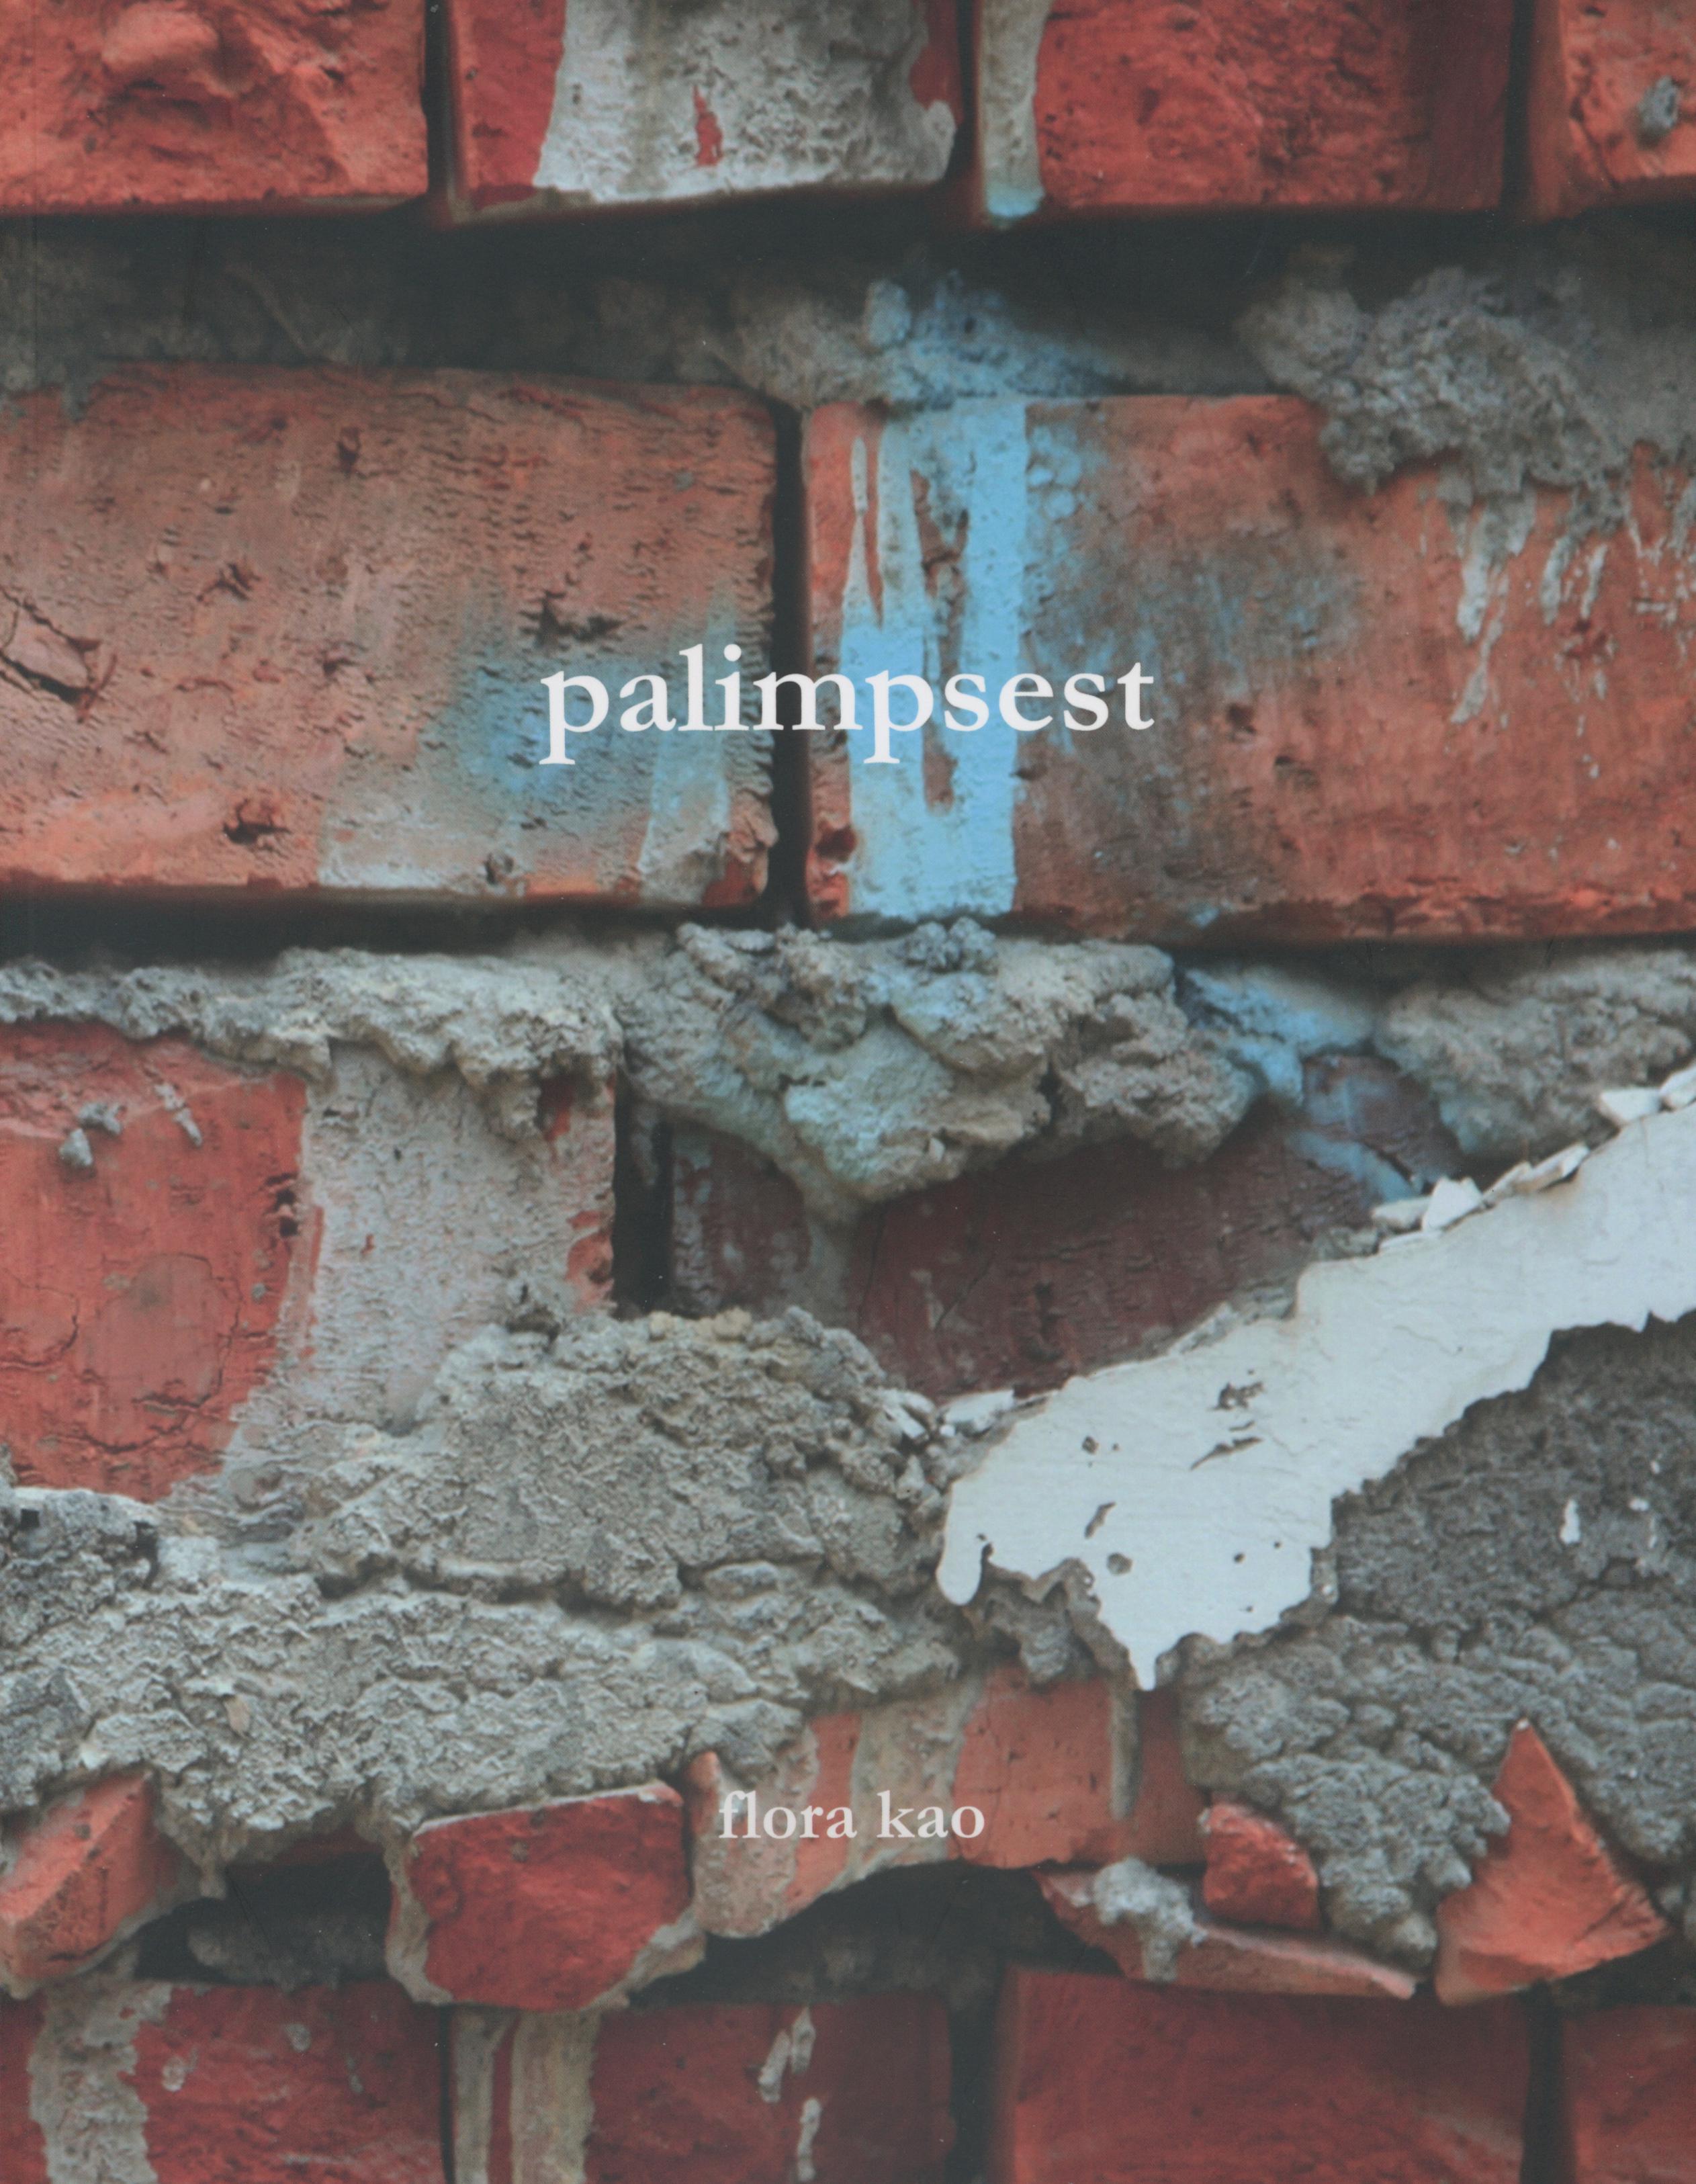 621.Palimpsest/Flora Kao/2013/-/Art/藝術